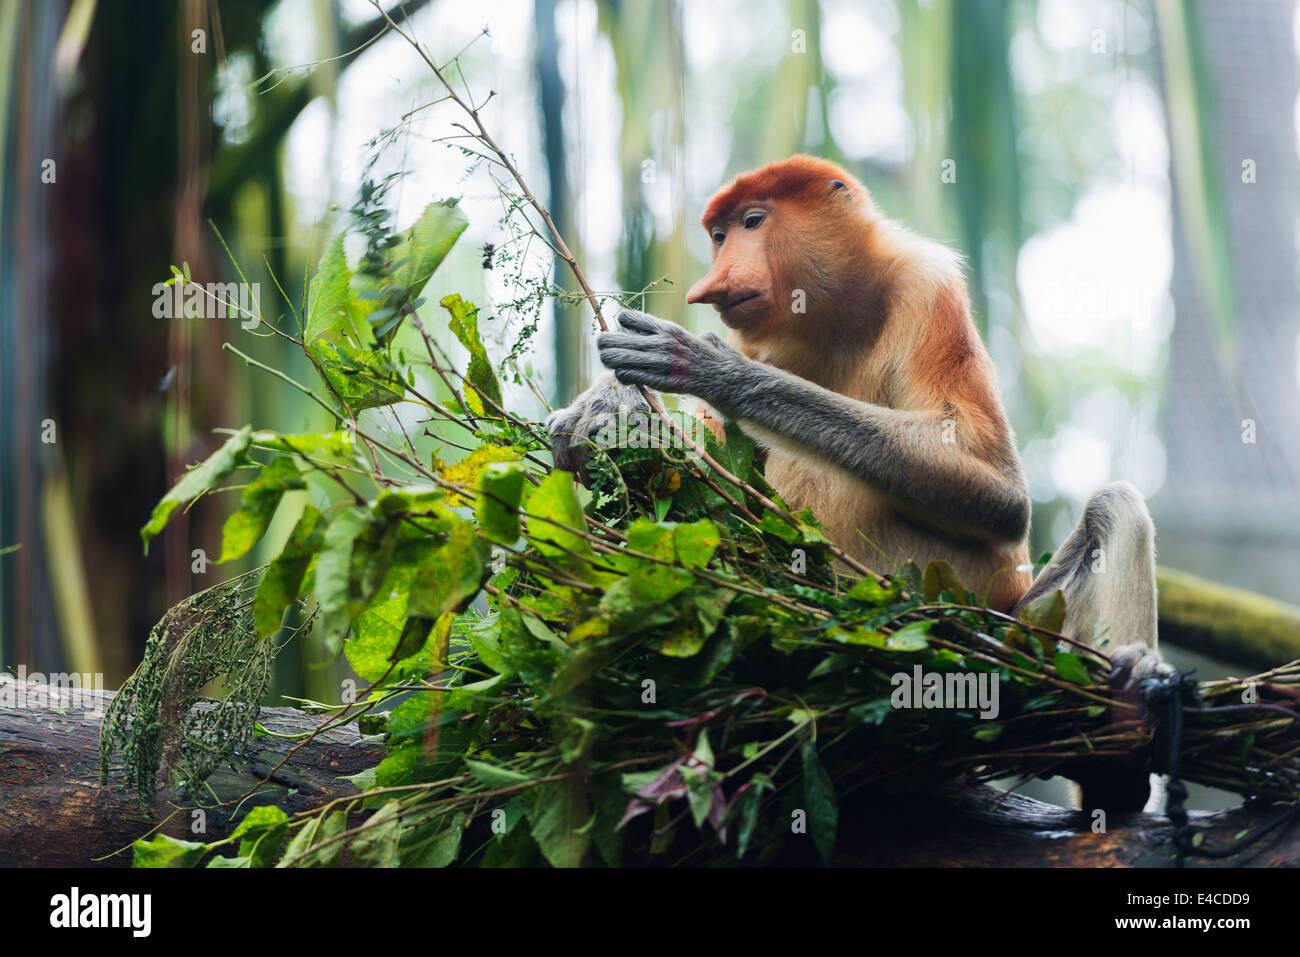 Il Sud Est asiatico, Singapore, Singapore Zoo, proboscide scimmia, Nasalis larvatus Immagini Stock